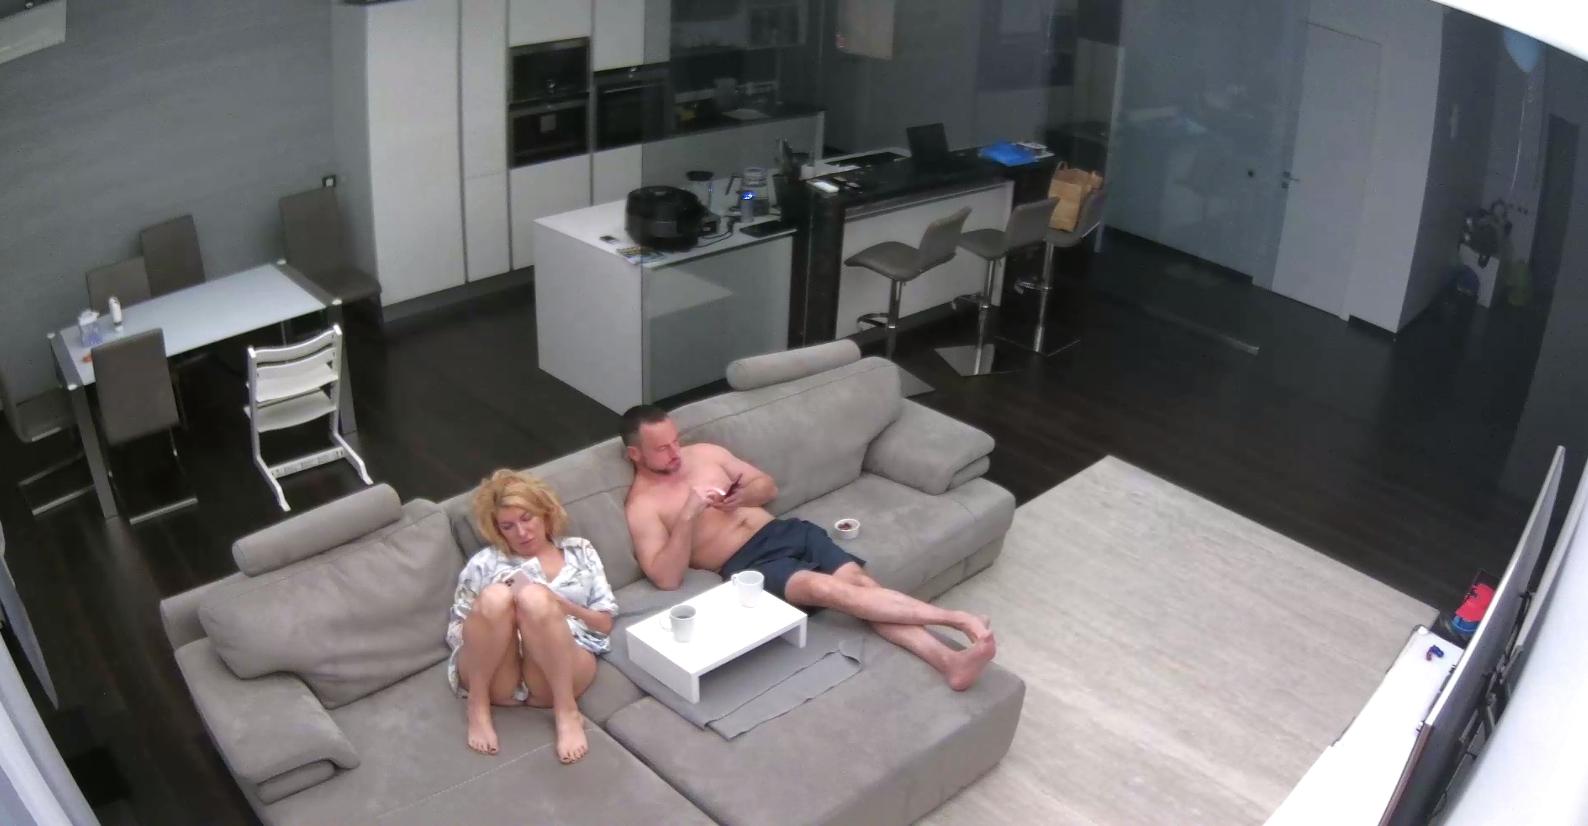 Секс в бассейне видео скрытая камера этот